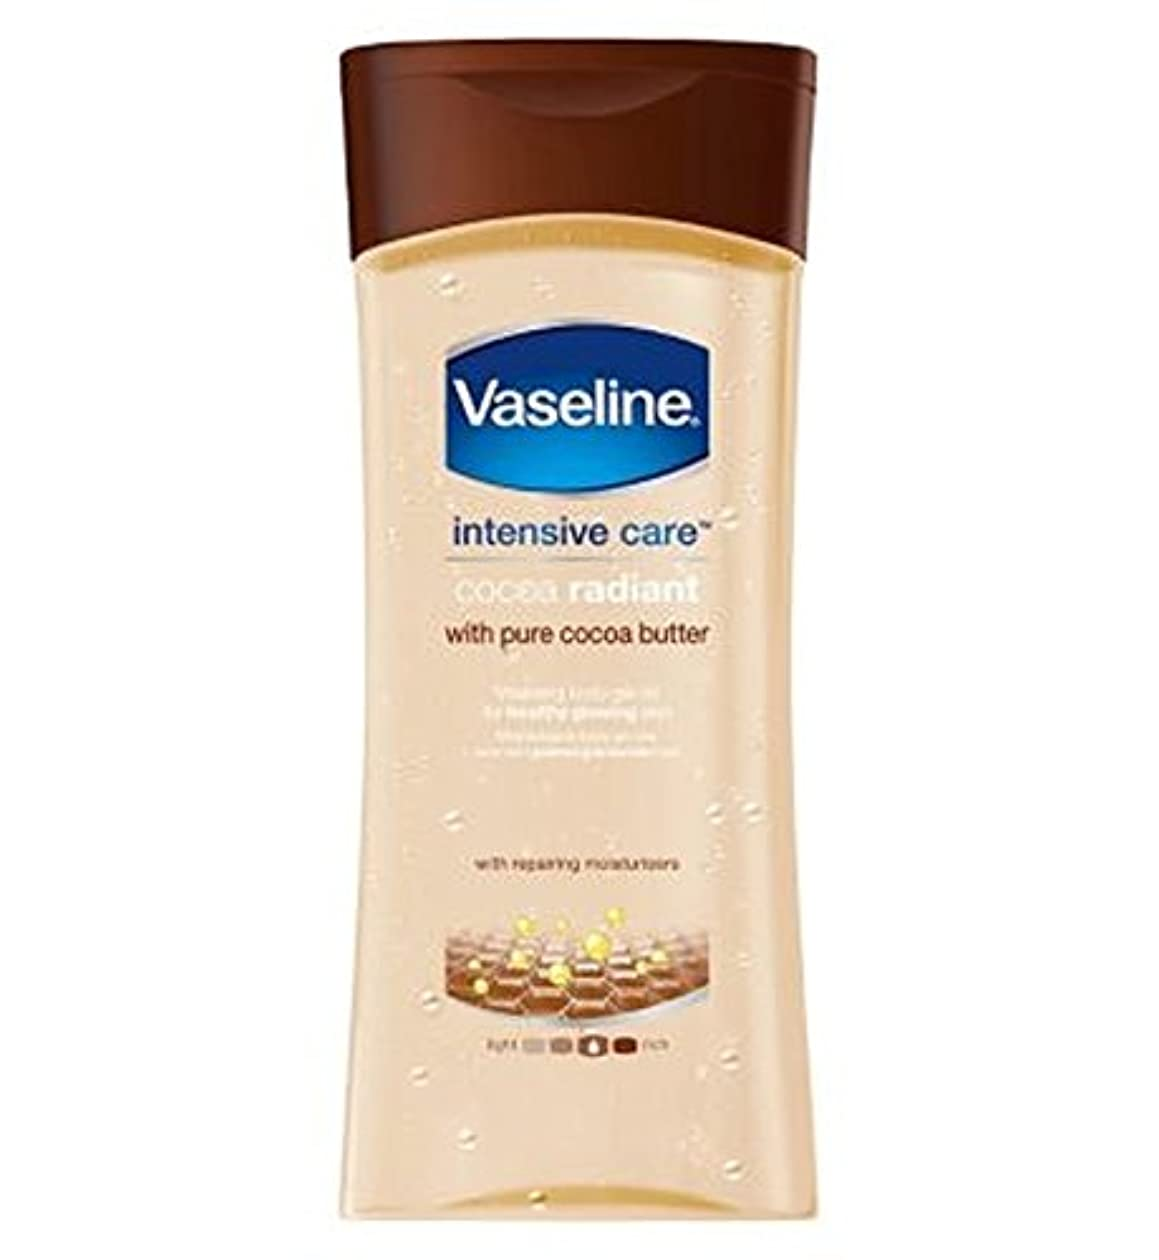 エール植生避けられないワセリン集中治療ココアゲルオイル200ミリリットル (Vaseline) (x2) - Vaseline Intensive Care Cocoa Gel Oil 200ml (Pack of 2) [並行輸入品]